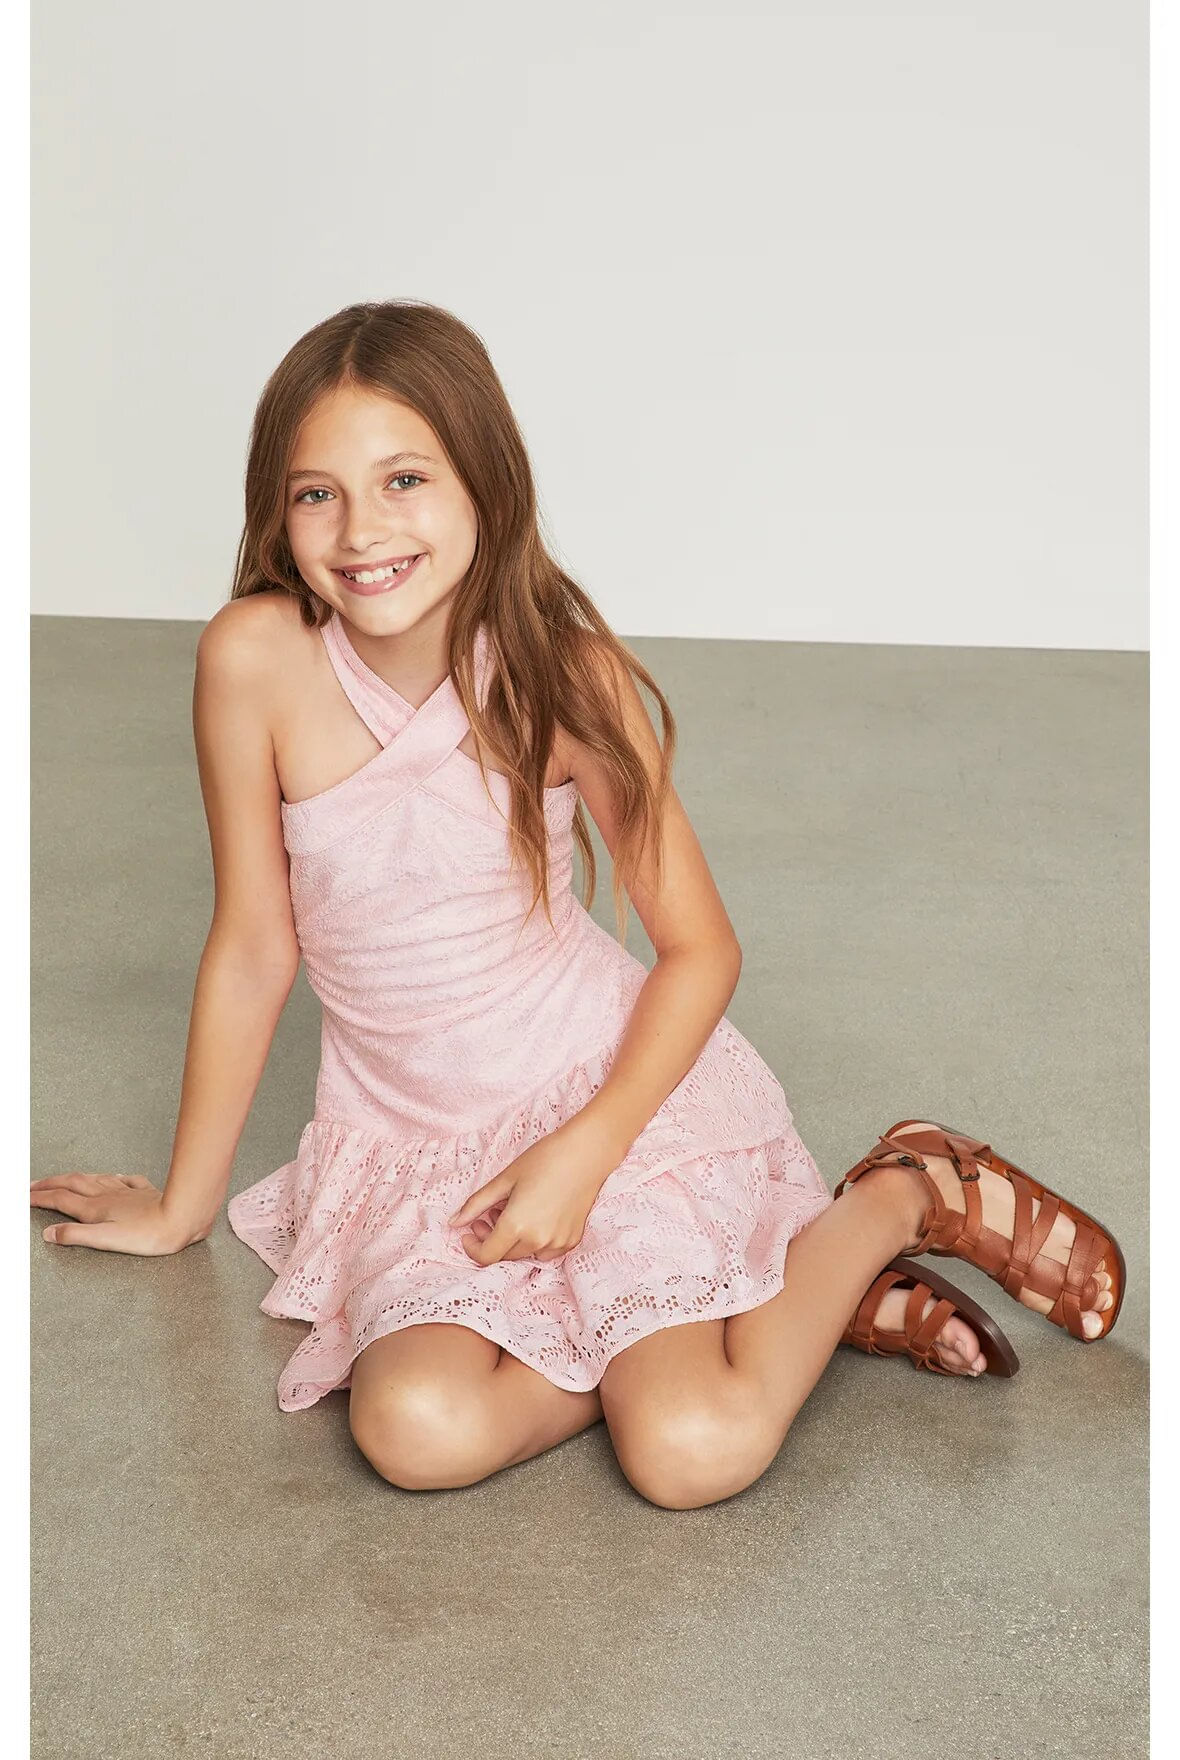 Vestido-halter-BCBGirls-rosa-claro-con-encaje-B838DR205_RPL_d